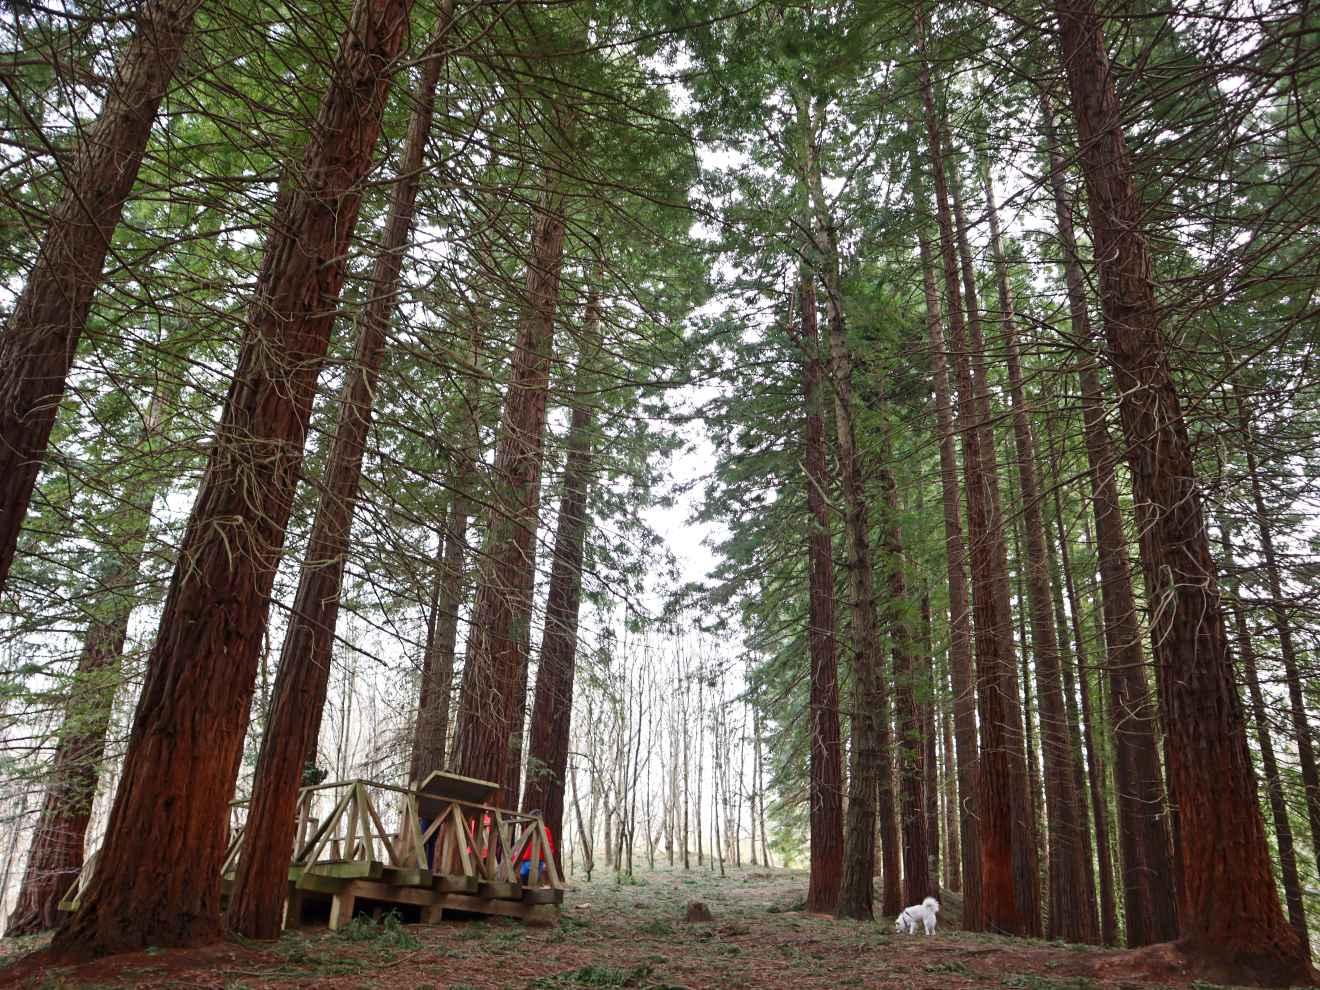 Final de la pasarela en el Bosque de Secuoyas